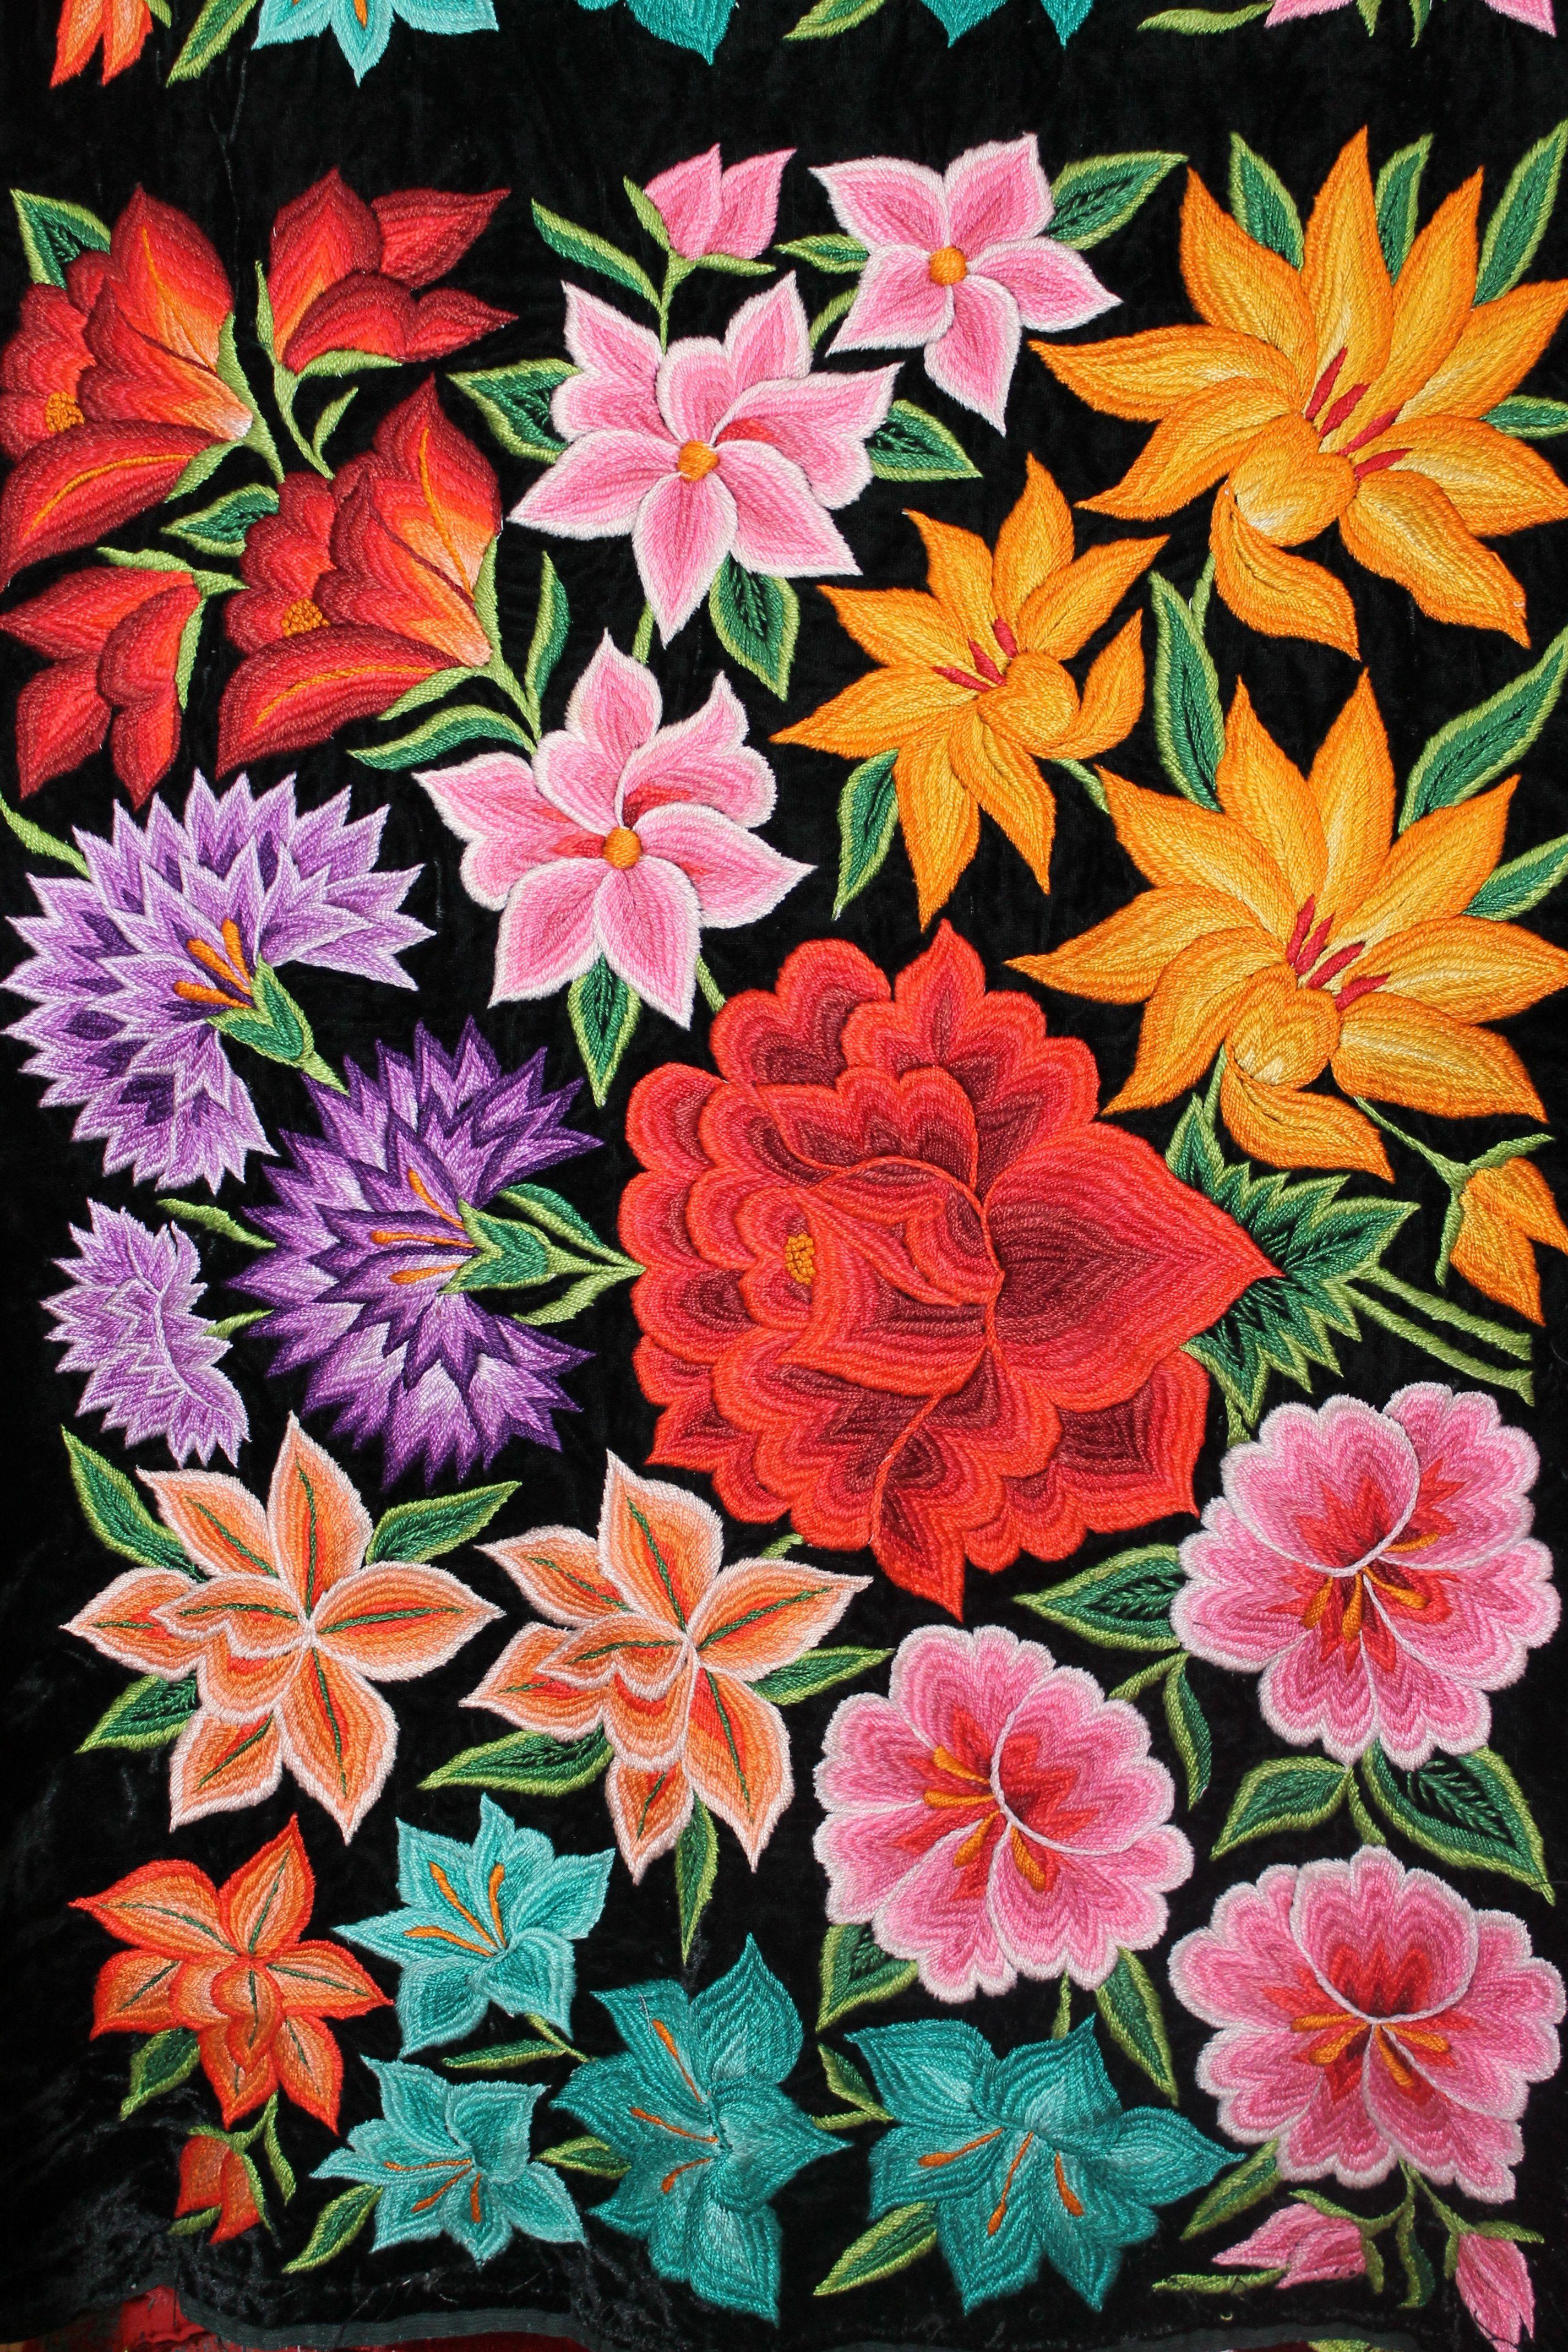 Lienzo con bordado de diversas flores, hecho a mano con aguja sobre ...